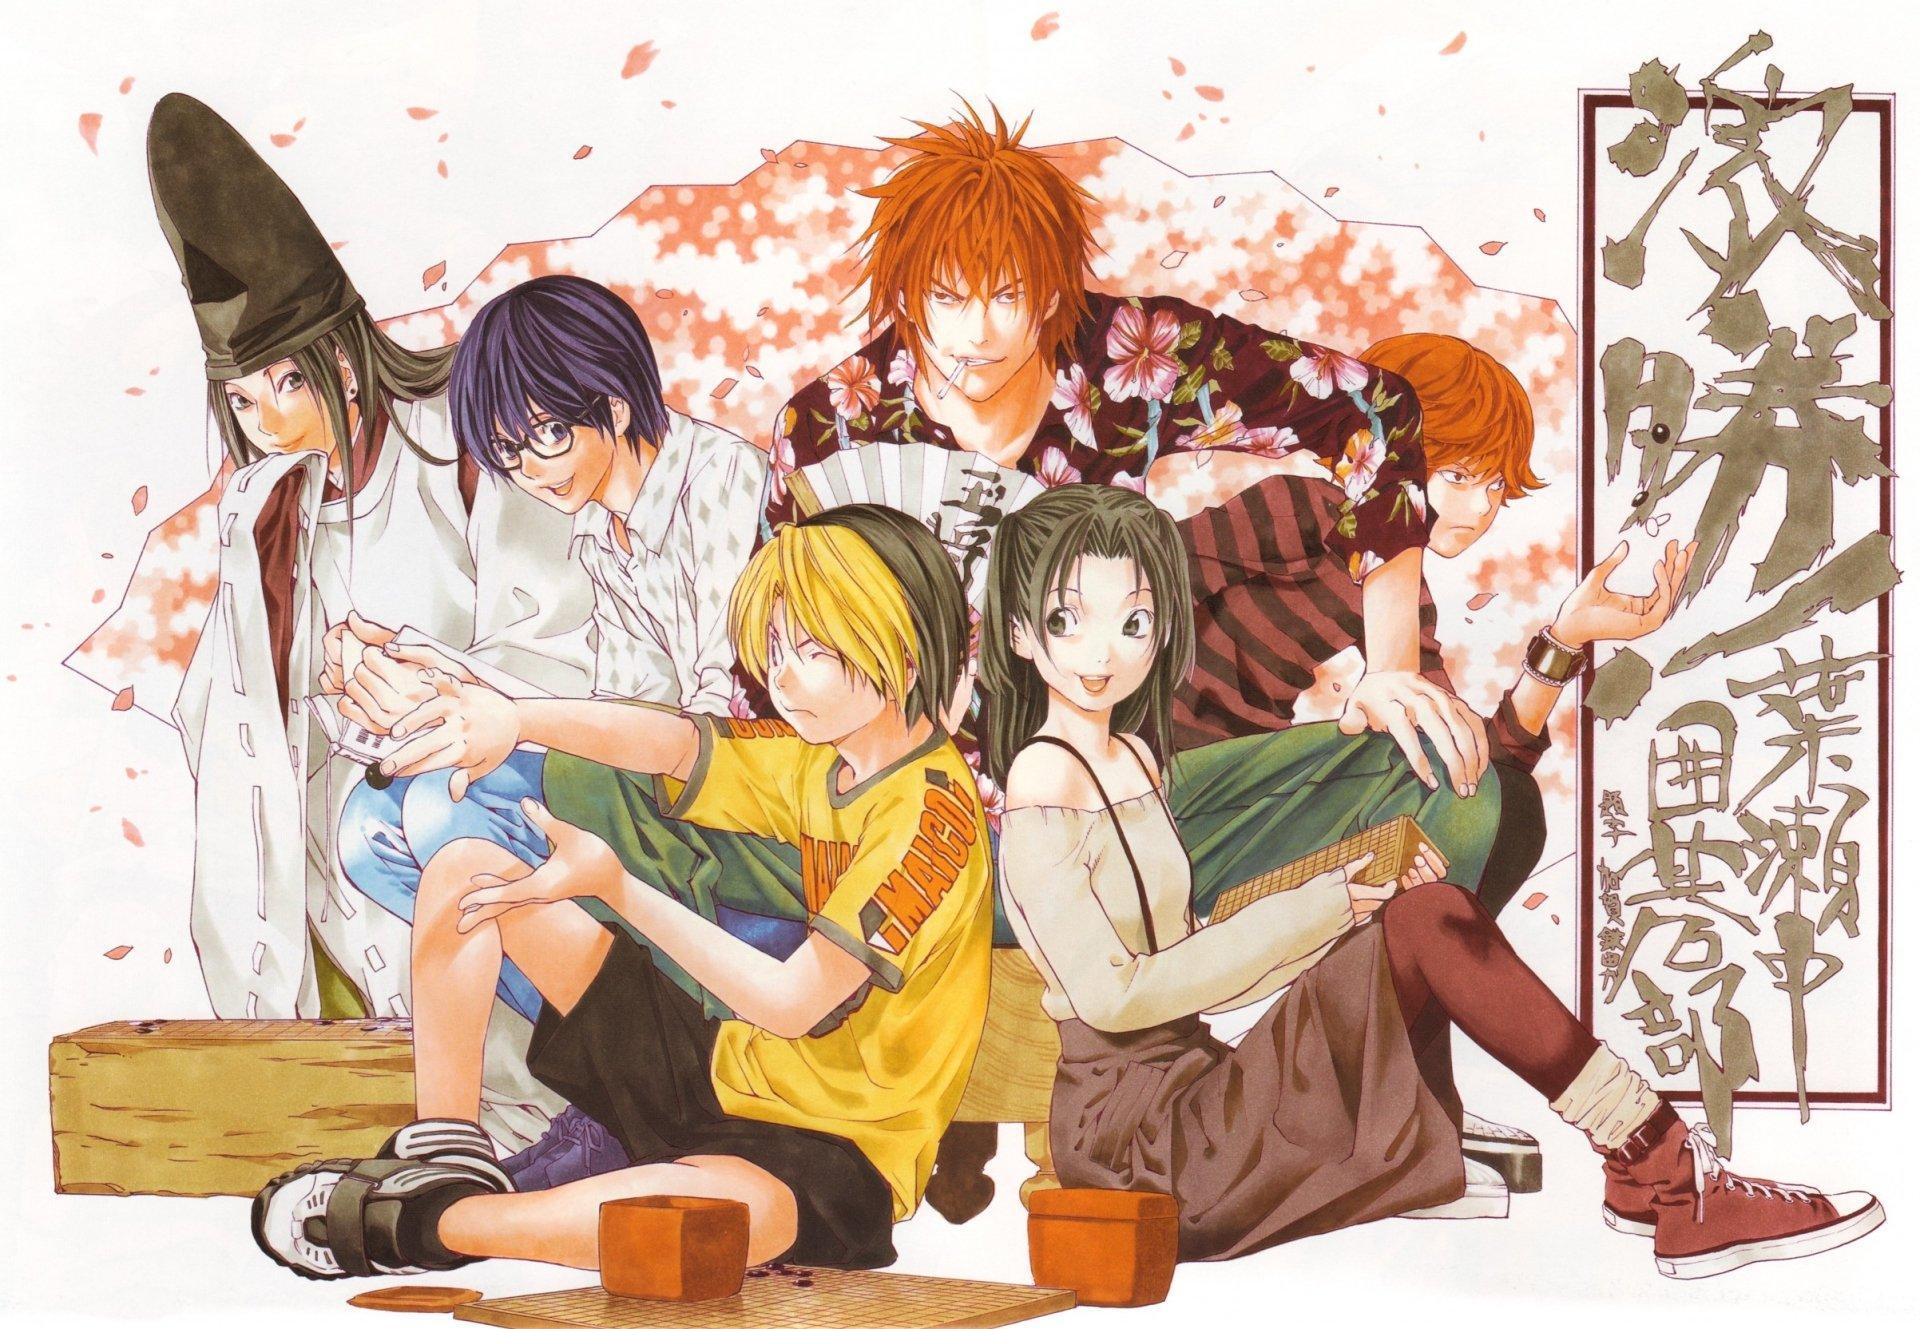 Hikaru no Go in hunter x hunter similar anime